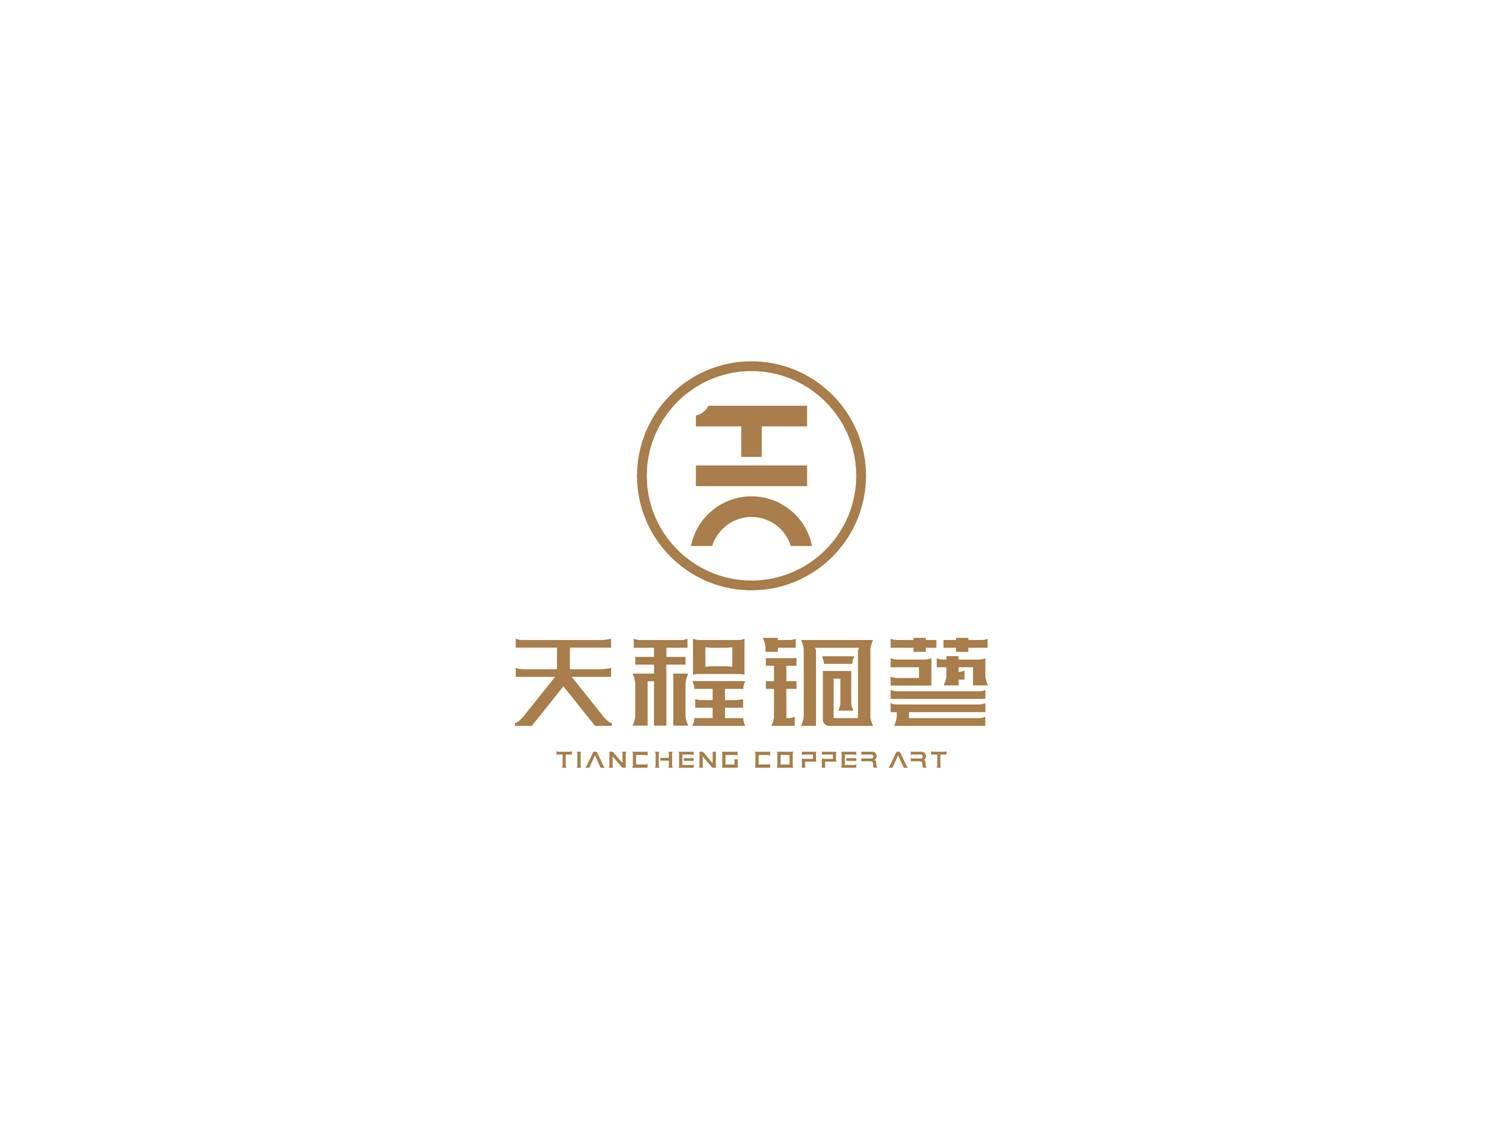 华作天成携手天程铜艺,创新传承岭南非遗铜文化